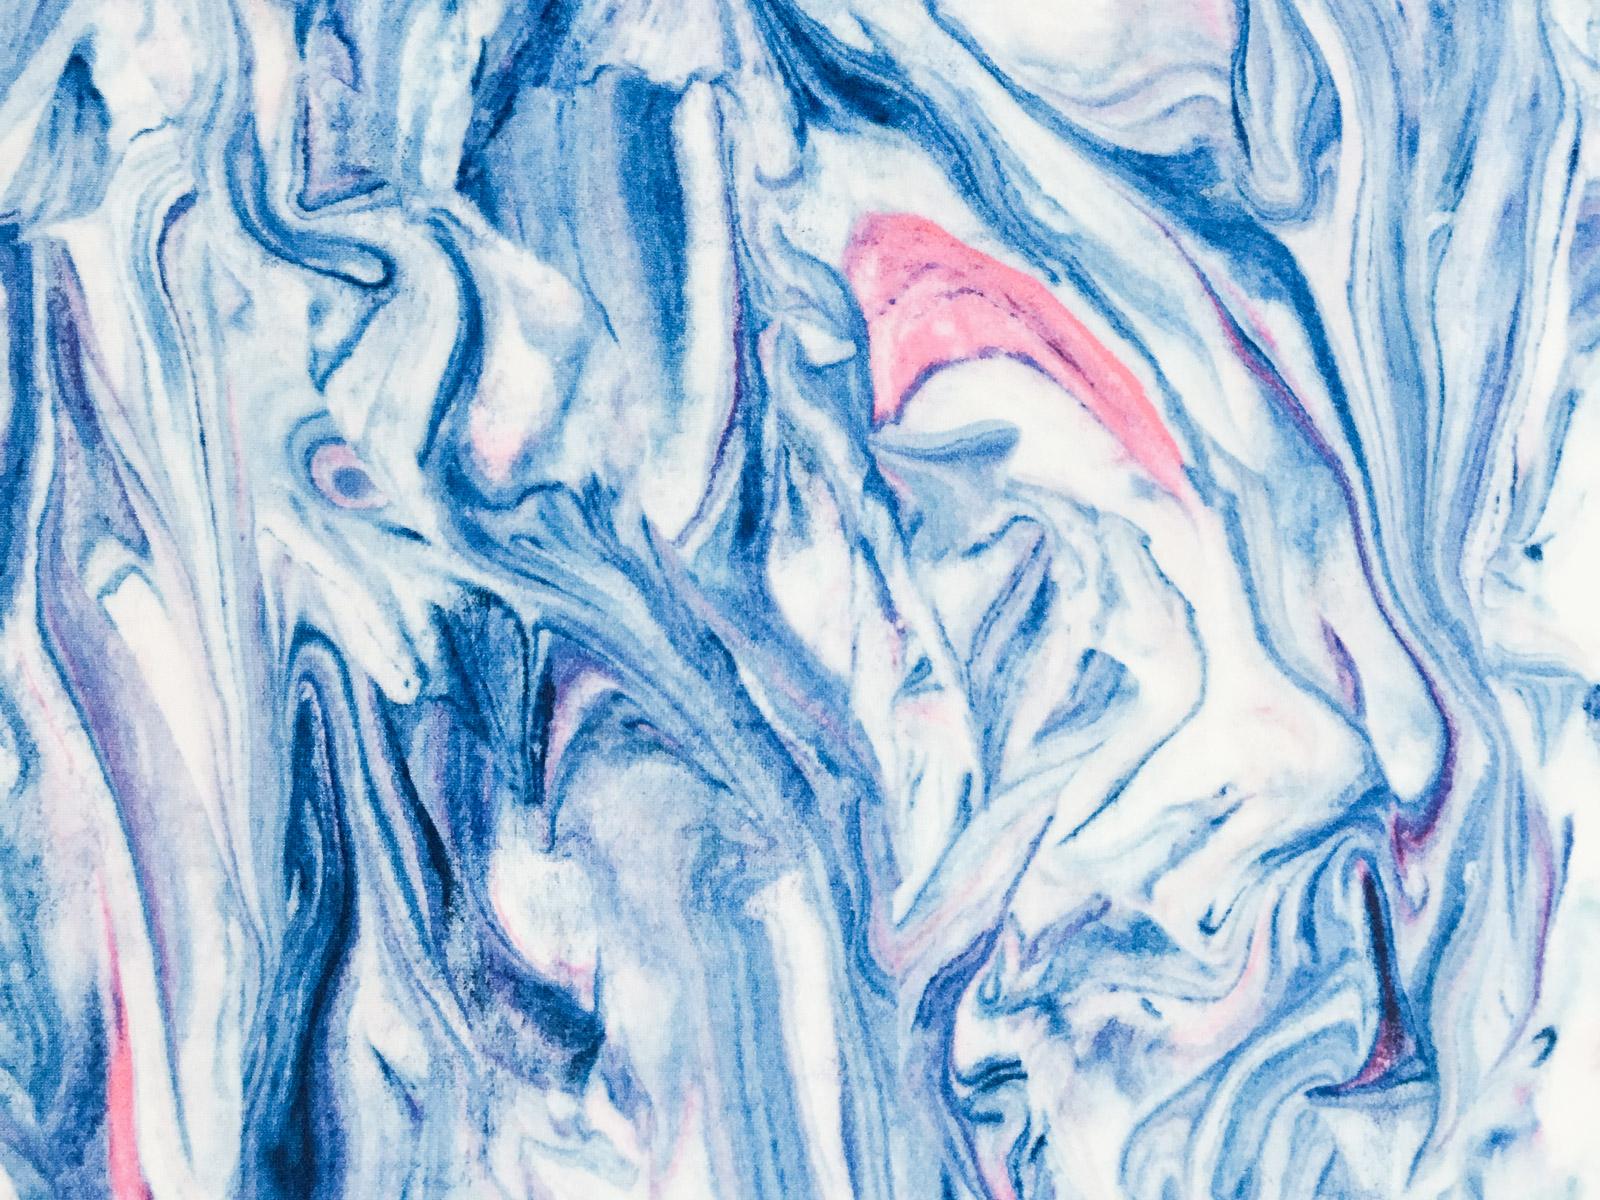 Top Wallpaper Marble Watercolor - Marble_Hjemmeside_3-07  Pic_11569.jpg